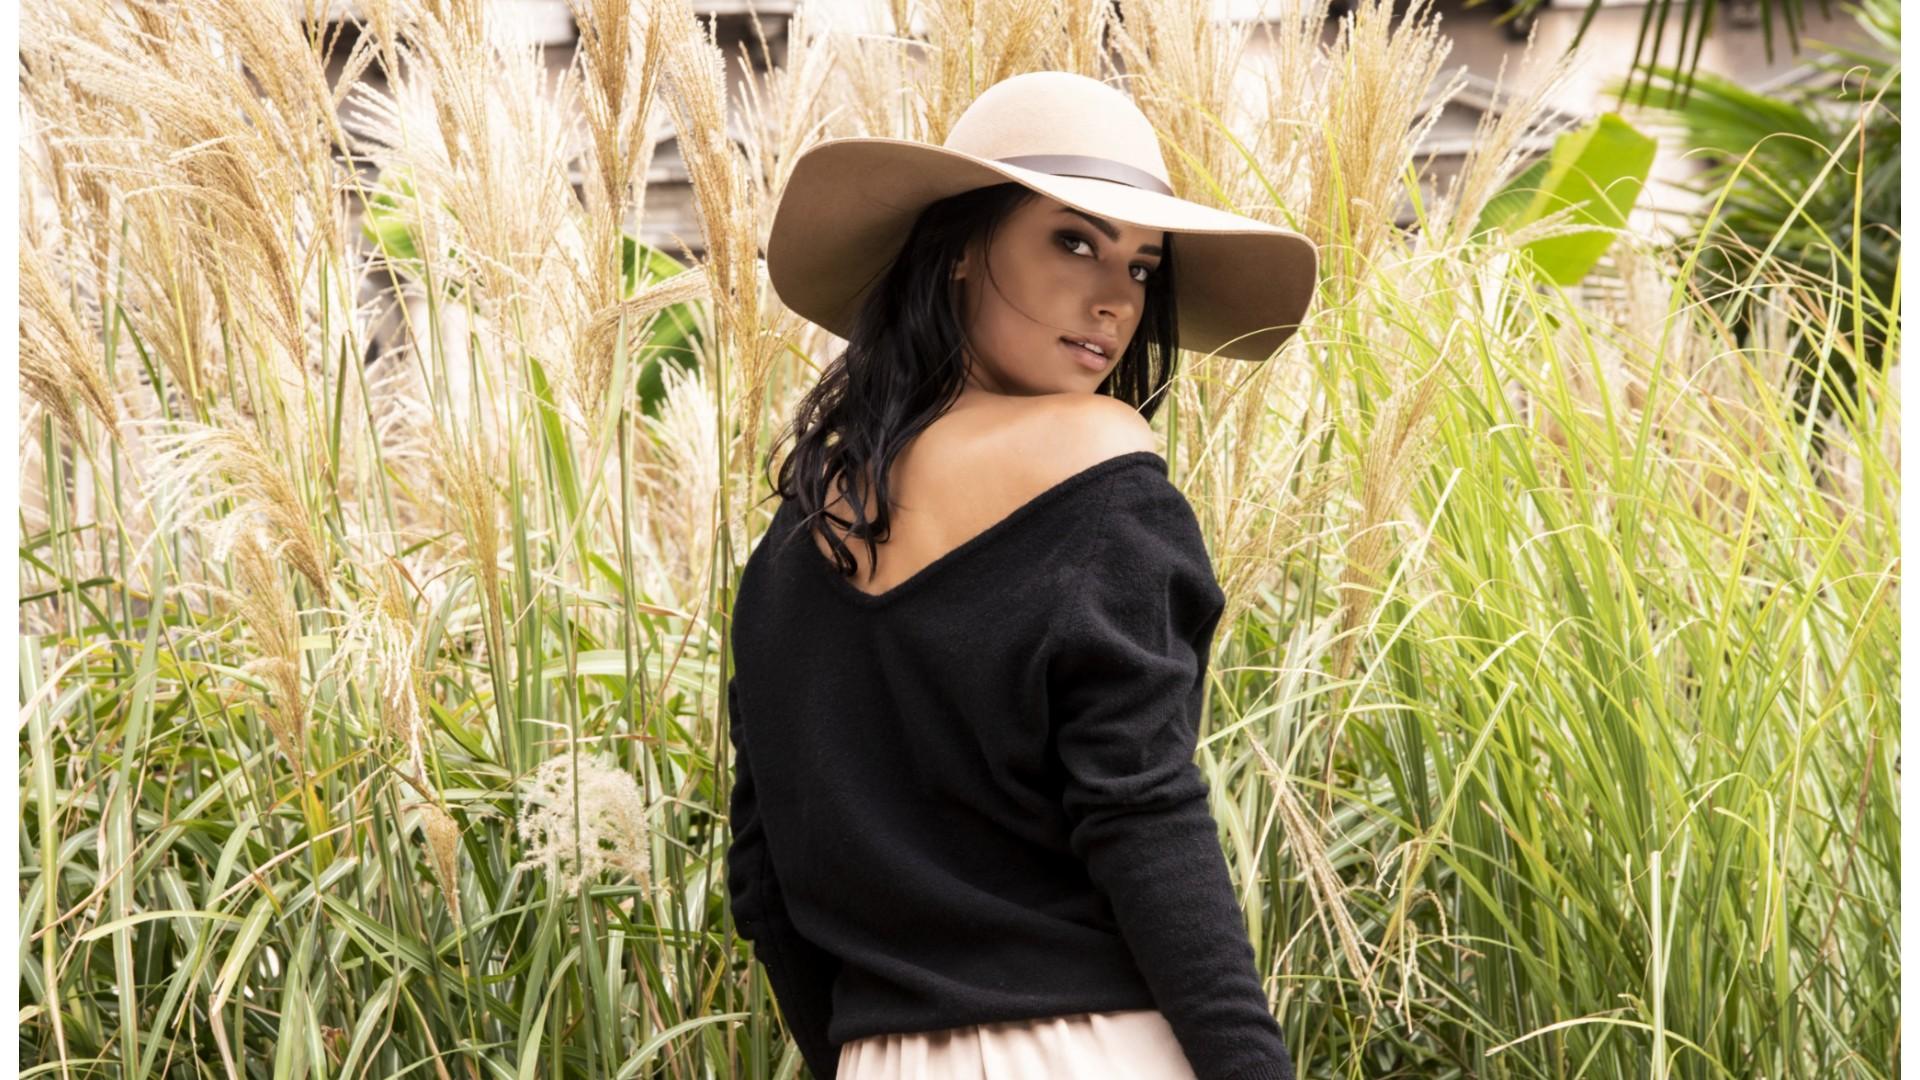 sample-1 | Oferta: biala bluzka, biala spodnica, biała bluzka, biała spódnica, bluza damska, bluza z kapturem, bluzka kobieca, ubrania od polskich producentow, ciemna bluzka, ciemne spodnie, ciemny kardigan, ciemny kombinezon, ciemny komplet, ciepły kardagin, ciepły sweter, czarna bluzka, czarna tunika, czarne spodnie, dluga sukienka, dlugi sweter, długa spódnica, długa sukienka, długi kardigan, długi sweter, dres damski, elegancka sukienka, elegancki kombinezon, fajne sukienki, jak dobrac ubrania, jak dobrać ubrania, jak modnie wygladac w ciazy, jak modnie wyglądać w ciąży, jak wygladac stylowo, jak wyglądać stylowo, jak zmienic styl ubierania, jak zmienić styl ubierania, jasna bluzka, jasna tunika, jasny kombinezon, jasny komplet, jasny sweter, jasny sweterek, jesienne stylizacje, kardigan, kardigan czarny, kardigan szary, kobiece spodnie dresowe, kobiecy dres, kombinezon, kombinezon damski, kombinezon khaki, kombinezon na wesele, kombinezon safari, komplet, komplet dresowy, komplet kobiecy, komplet spodnica i bluzka, kremowa bluza, kremowa bluza z kapturem, letnie stylizacje, luzna sukienka, luźna sukienka, maxi sukienka, mini spodniczka, mini spódnica, moda w ciazy, moda w ciąży, modne ciuchy, modne kiecki, modne kombinezony, modne ubrania, modny look, ponadczasowe sukienki, ponadczasowe ubrania, rozowy sweter, różowy sweter, sklep internetowy wysyłka za granicę, sklep internetowy z ubraniami, sklep internetowy z ciuchami, sklep internetowy z sukienkami, sklep internetowy z ubraniami jaki polecacie, sklep uwielbiany przez stylistow, sklep z odzieza, sklep z odzieżą, sklep z ubraniami online, sklep z ubraniami wysylka za granice, spódnica boho, spodnica dluga, spodnica i bluza, spodnica i bluzka, spodnica maxi, spodnica z falbana, spodnica z falbanami, spodniczka z falbanami, spodnie damskie, spodnie damskie 3/4, sportowa sukienka, spódnica boho, spódnica i bluza, spódnica i bluzka, spódnica maxi, spódnica z falbanami, spódnica z falbaną, styl dla kobiet, styl dl